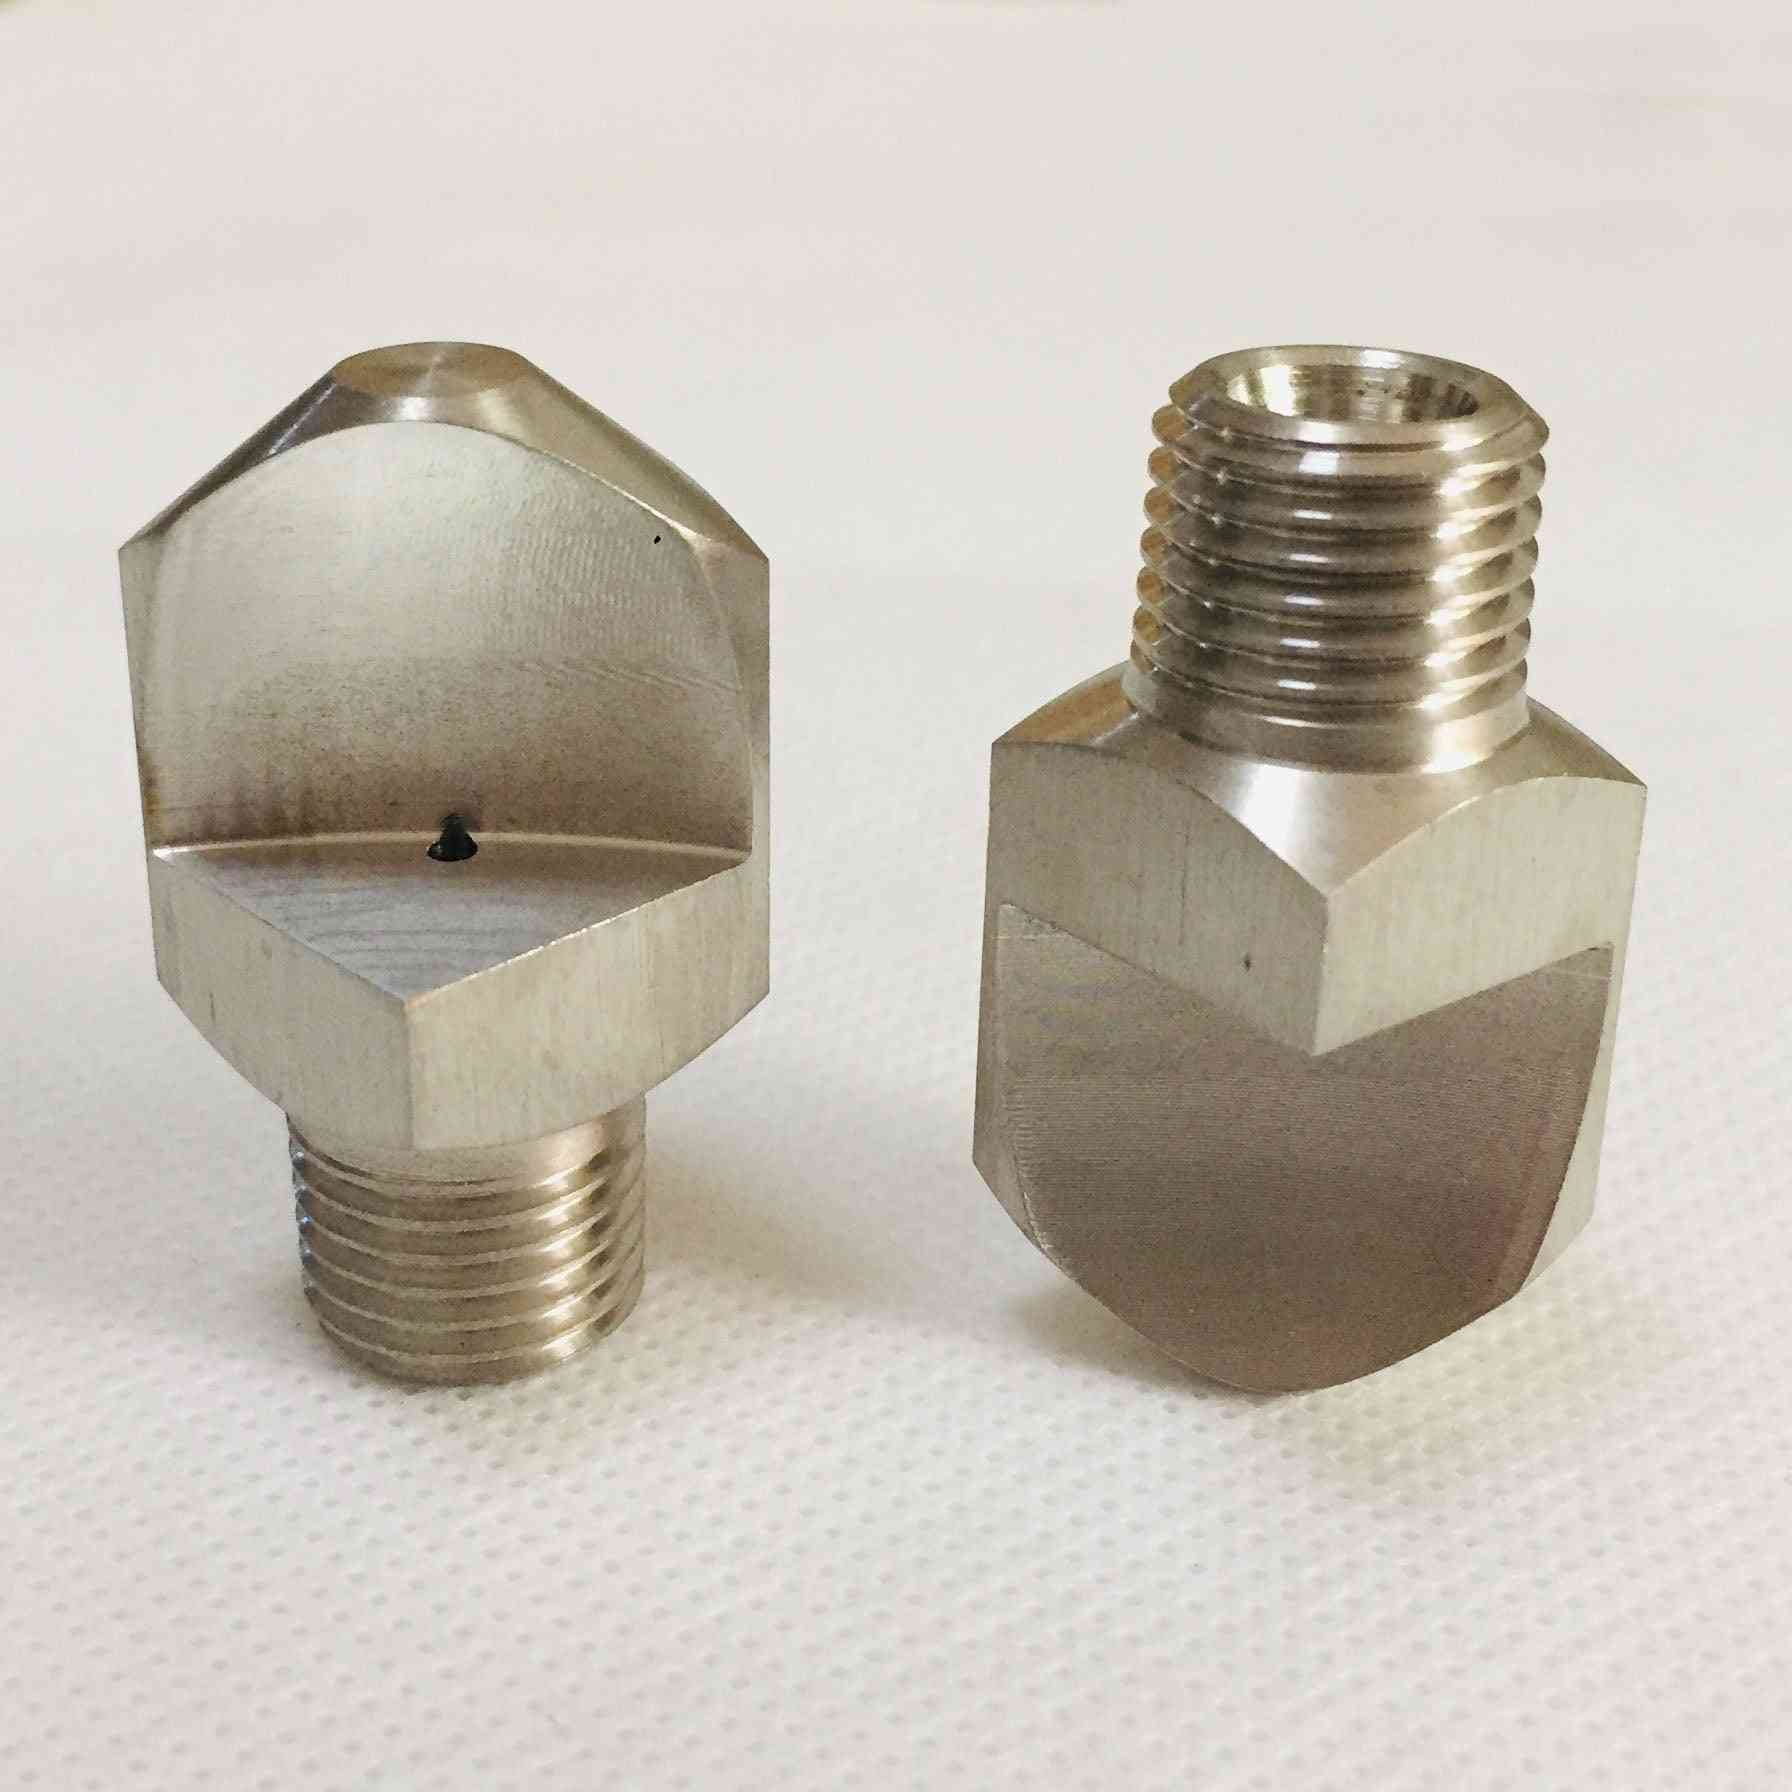 Narrow Angle Flat Fan Nozzle